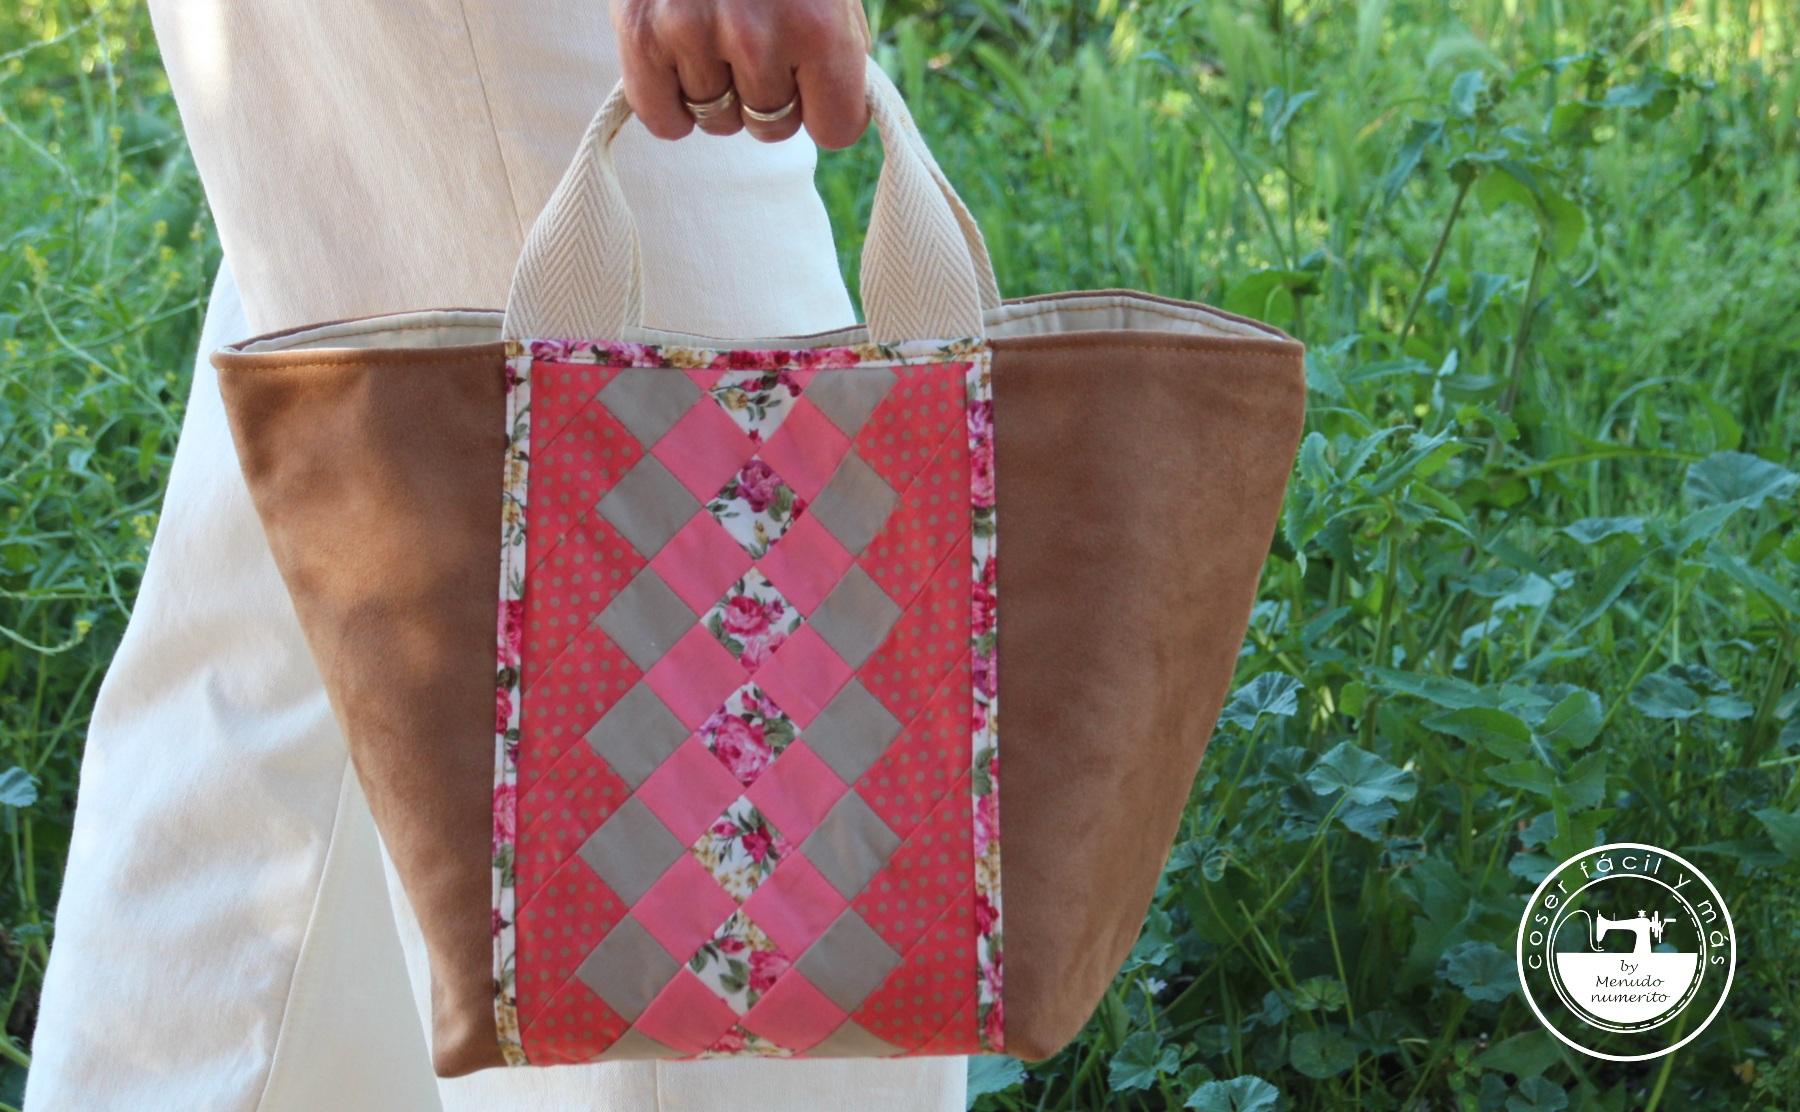 bolsod e tela cuerina menudo numerito blogs de costura